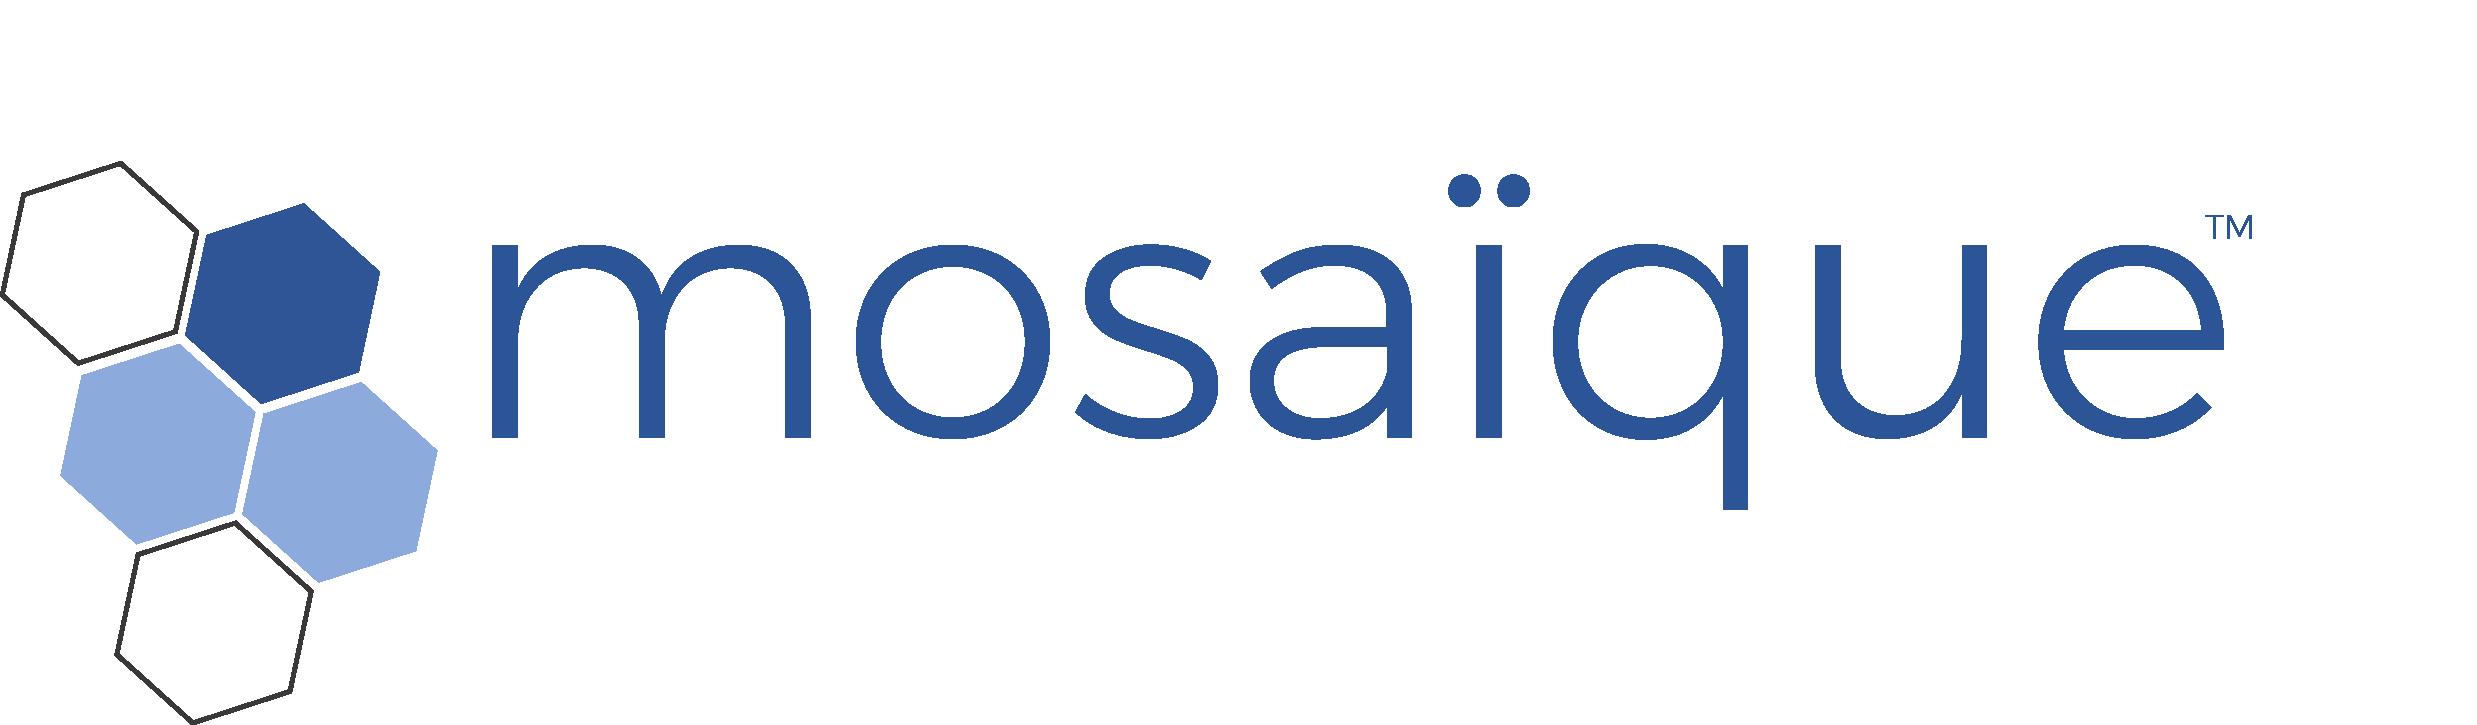 mosaique-logo (1).png